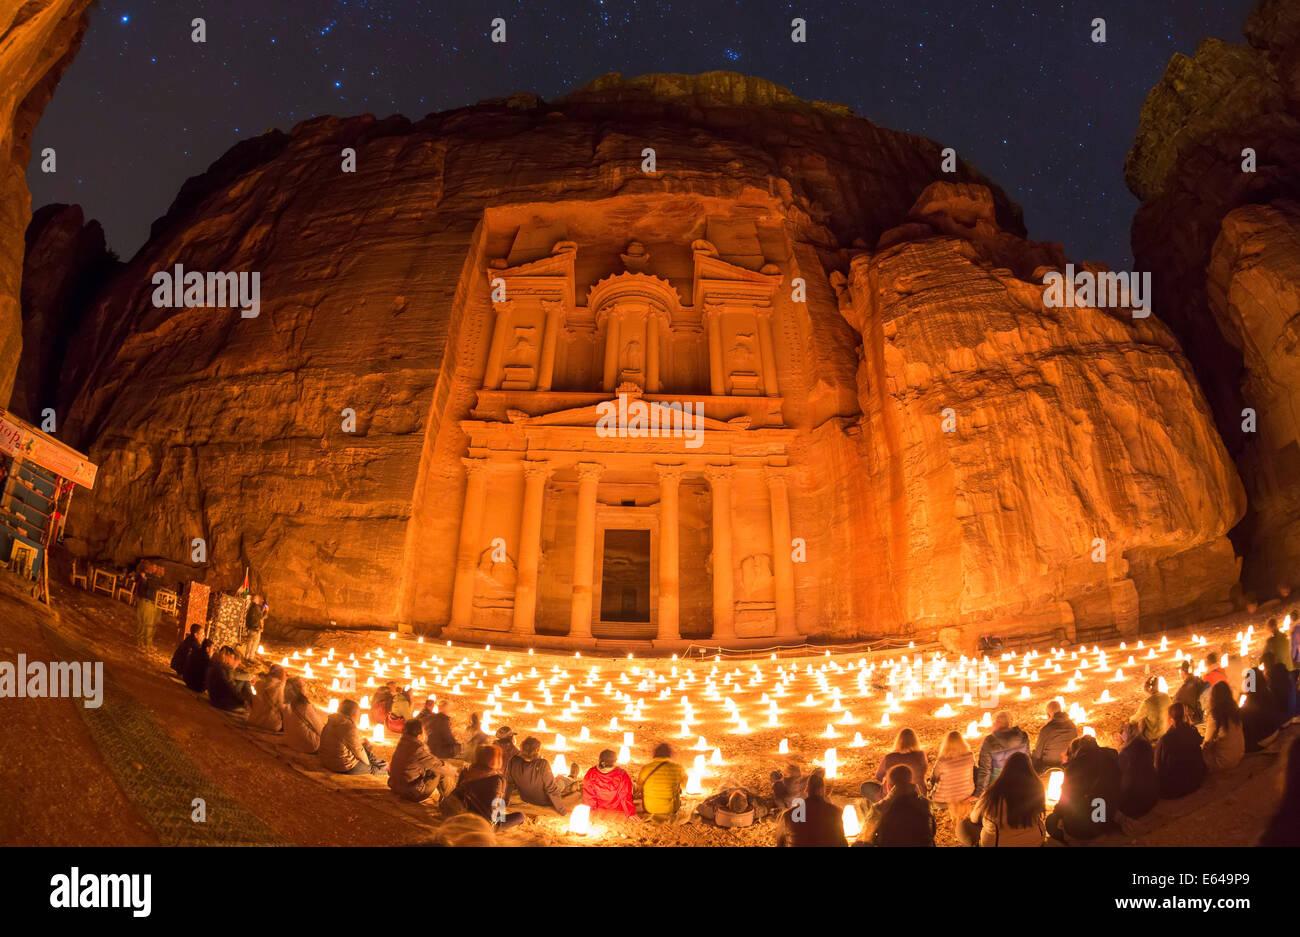 El Tesoro (El Khazneh), por la noche, iluminado por velas, Petra, Jordania Imagen De Stock